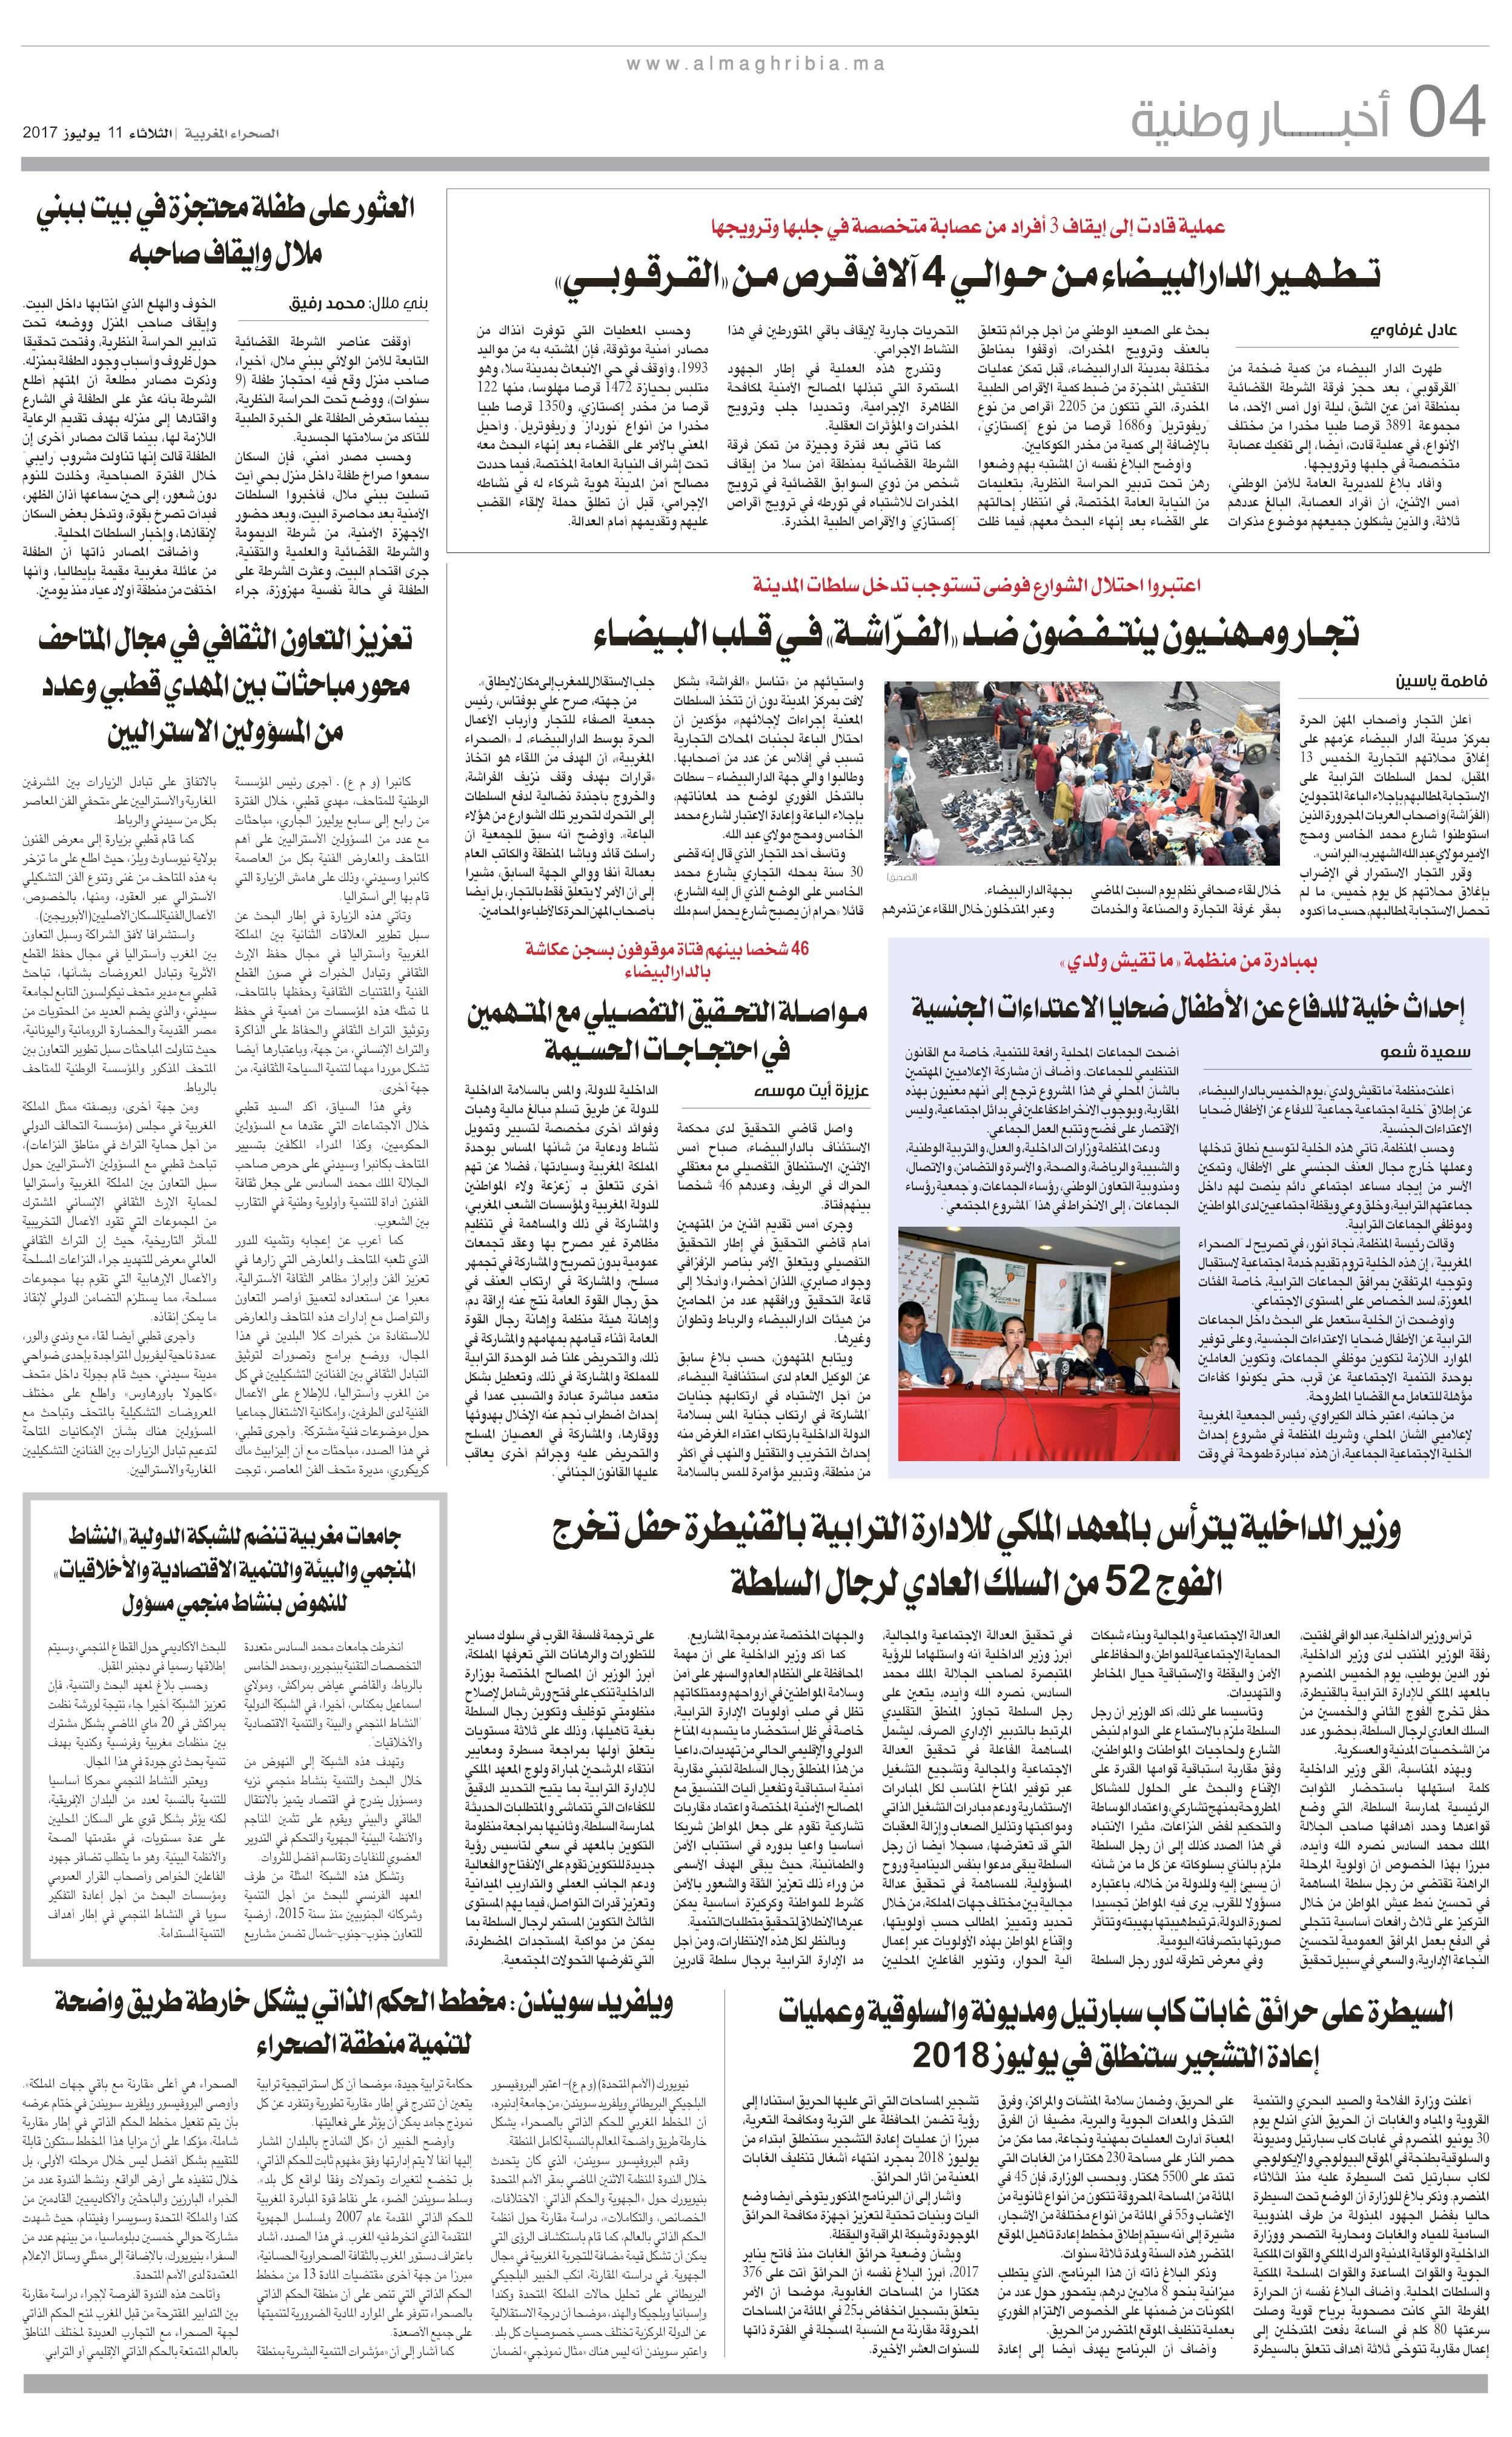 Index Of Assahraajournal20170711filesassetscommon